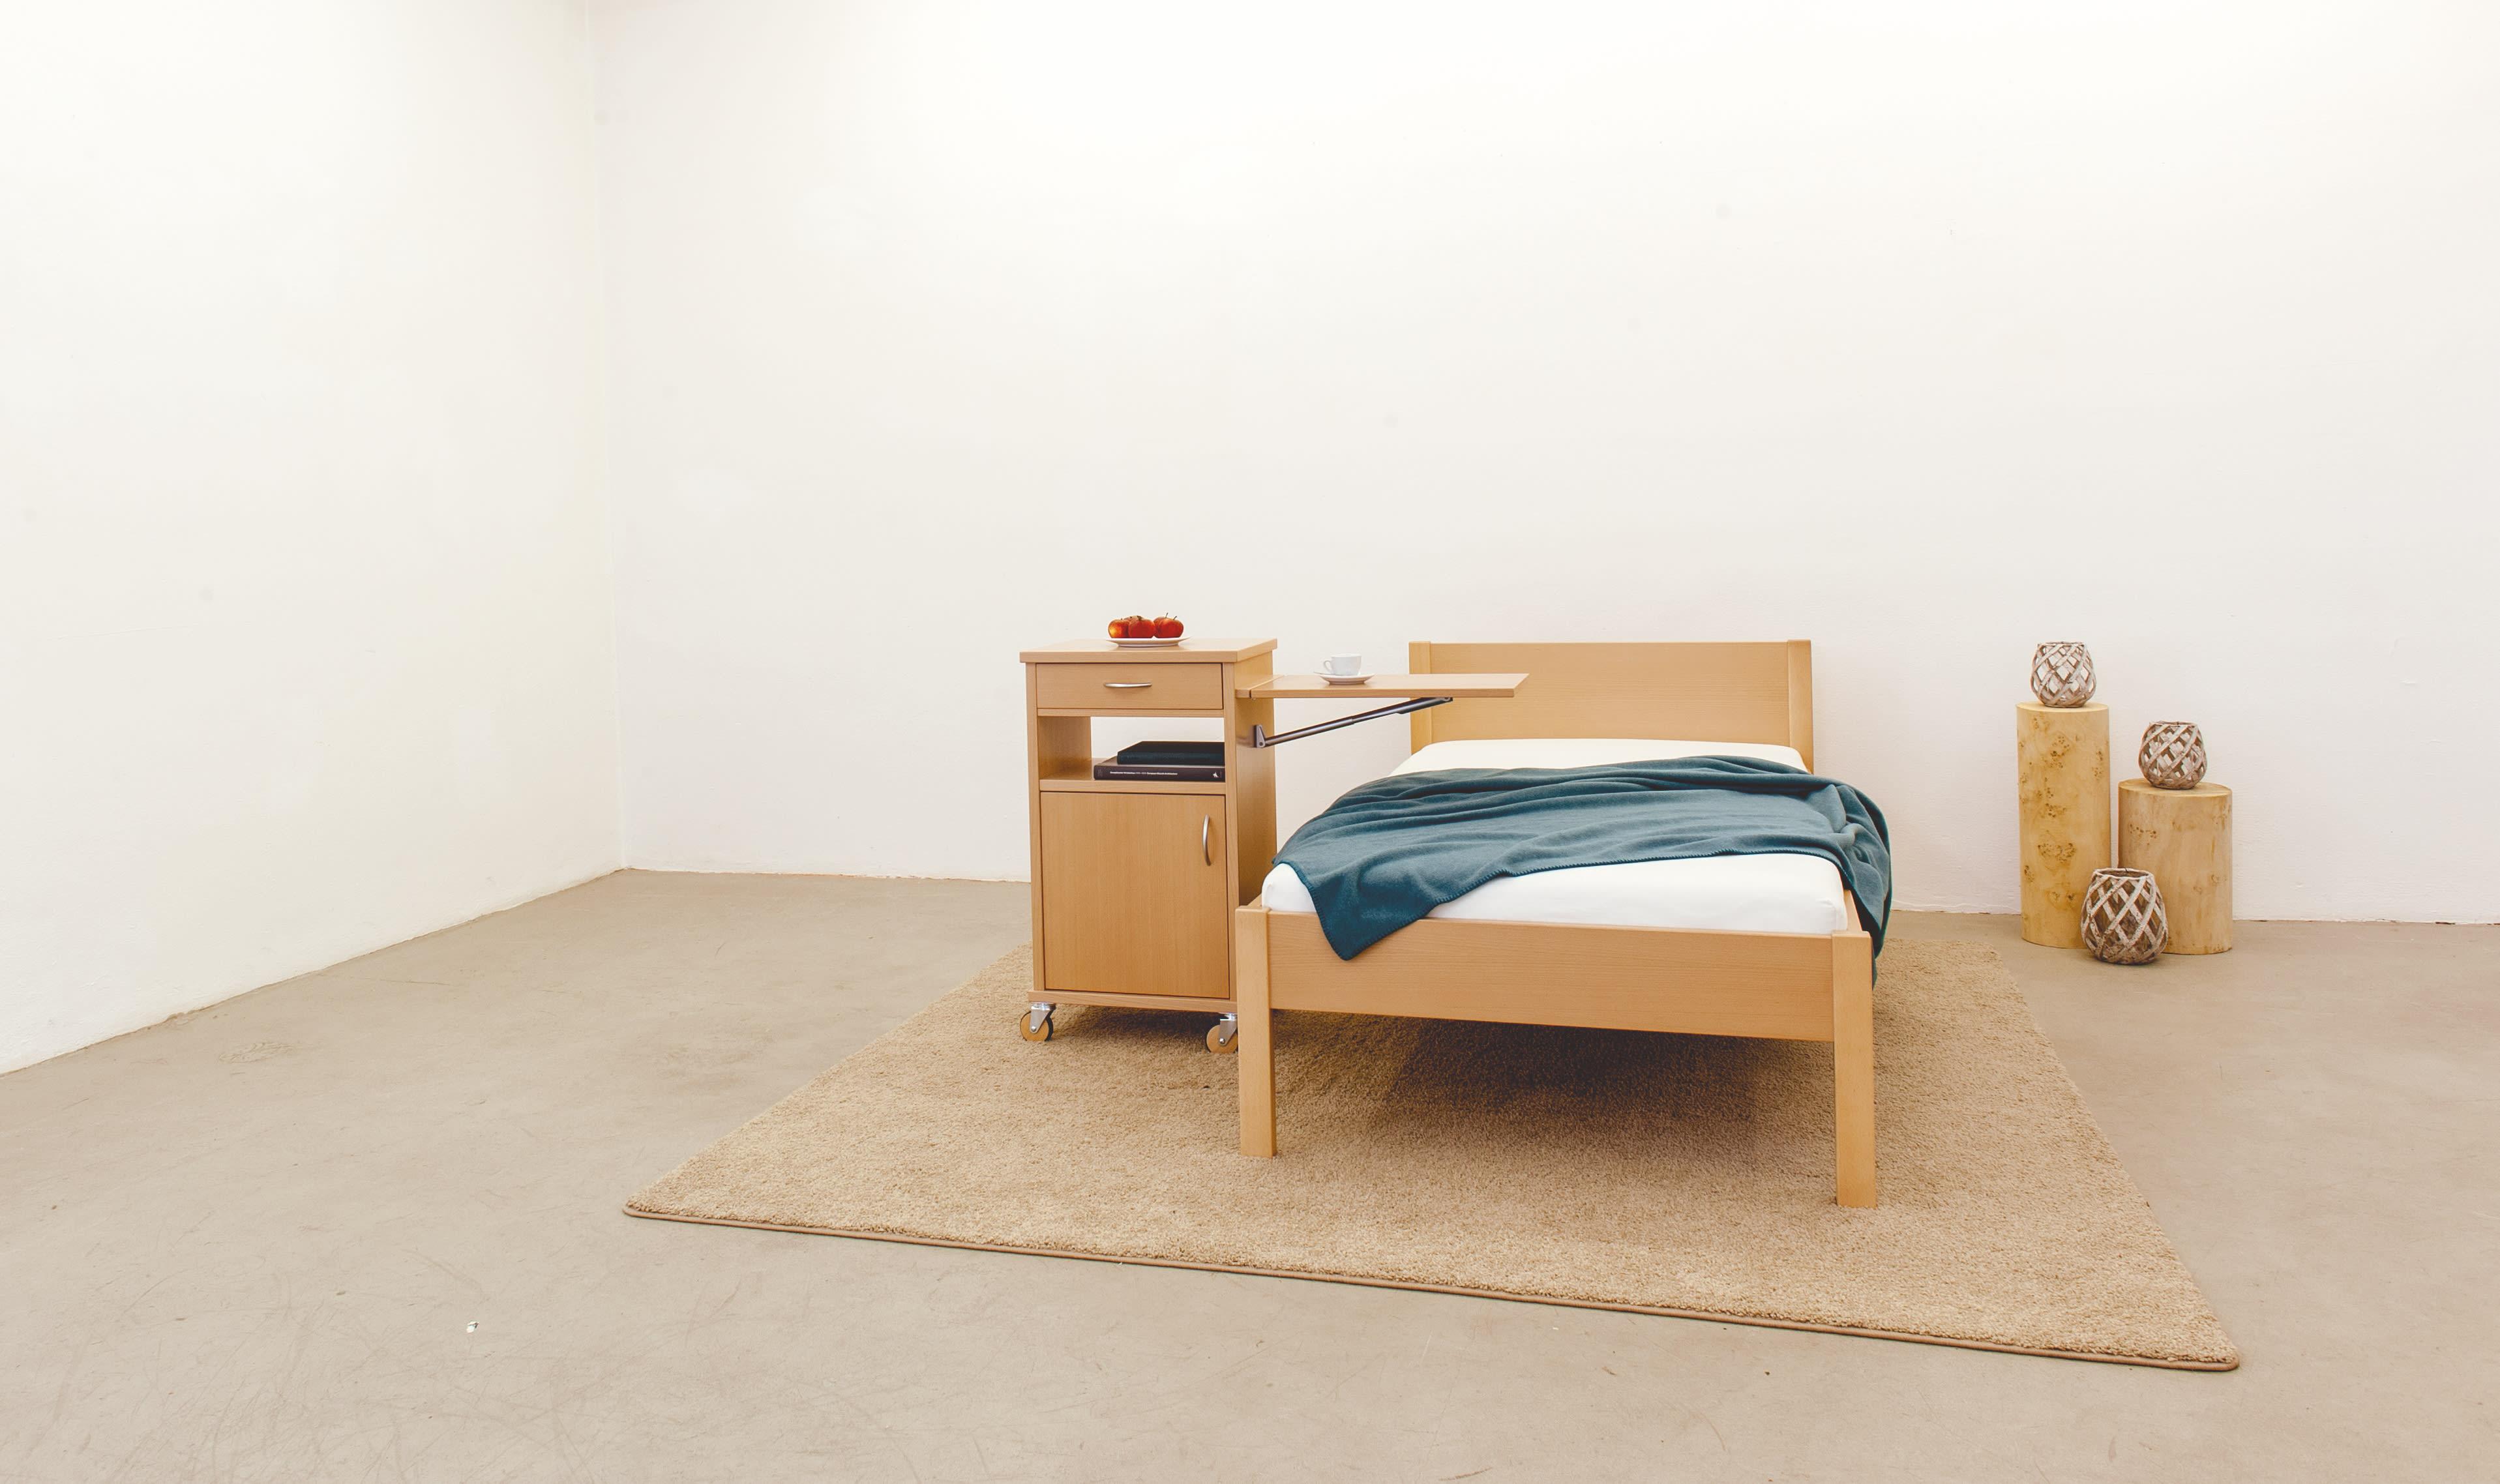 Seniorenbett mit Nachttisch TESSIN_Buche_Fußteil-niedrig_mit_RONDA